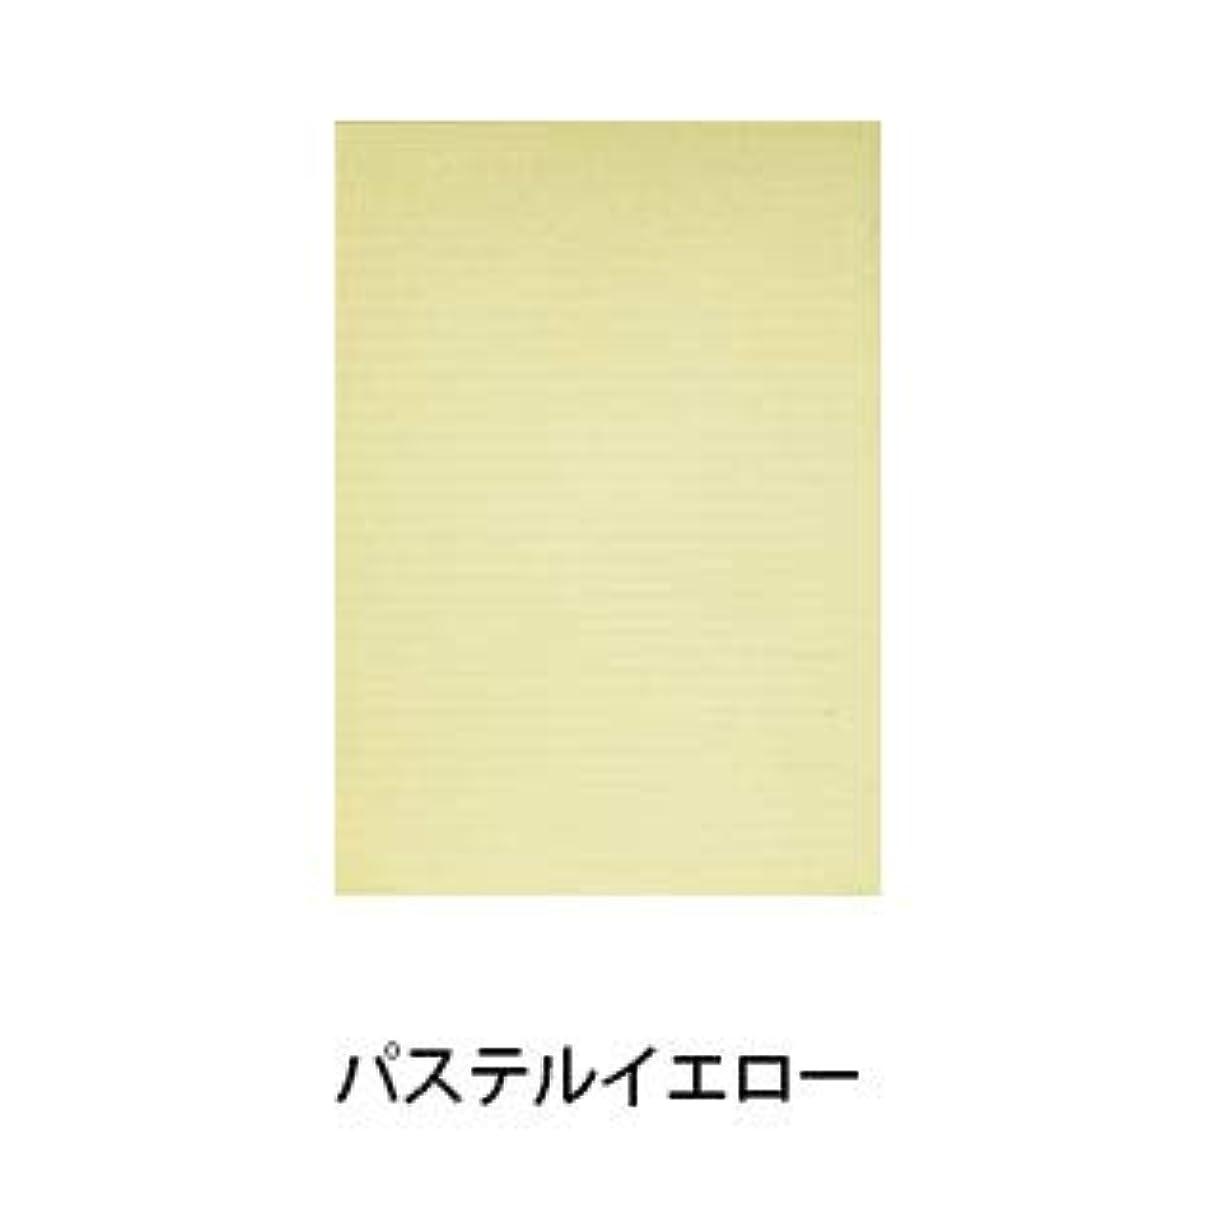 スケッチ掃除不忠【パステルシリーズ】100枚入り ネイルシート ペーパークロス (パステルイエロー)